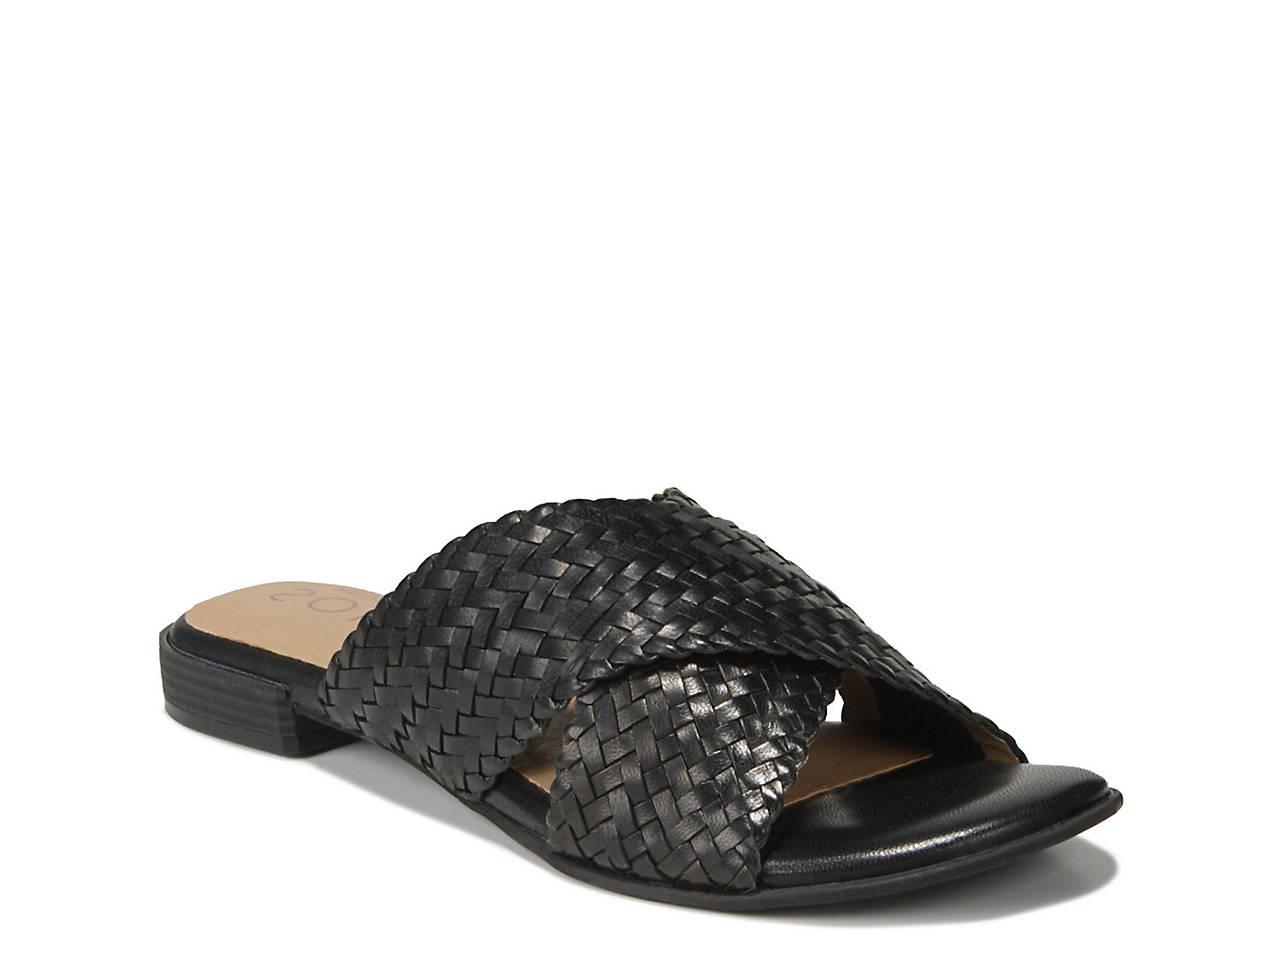 4b5a8408015 Royale Sandal